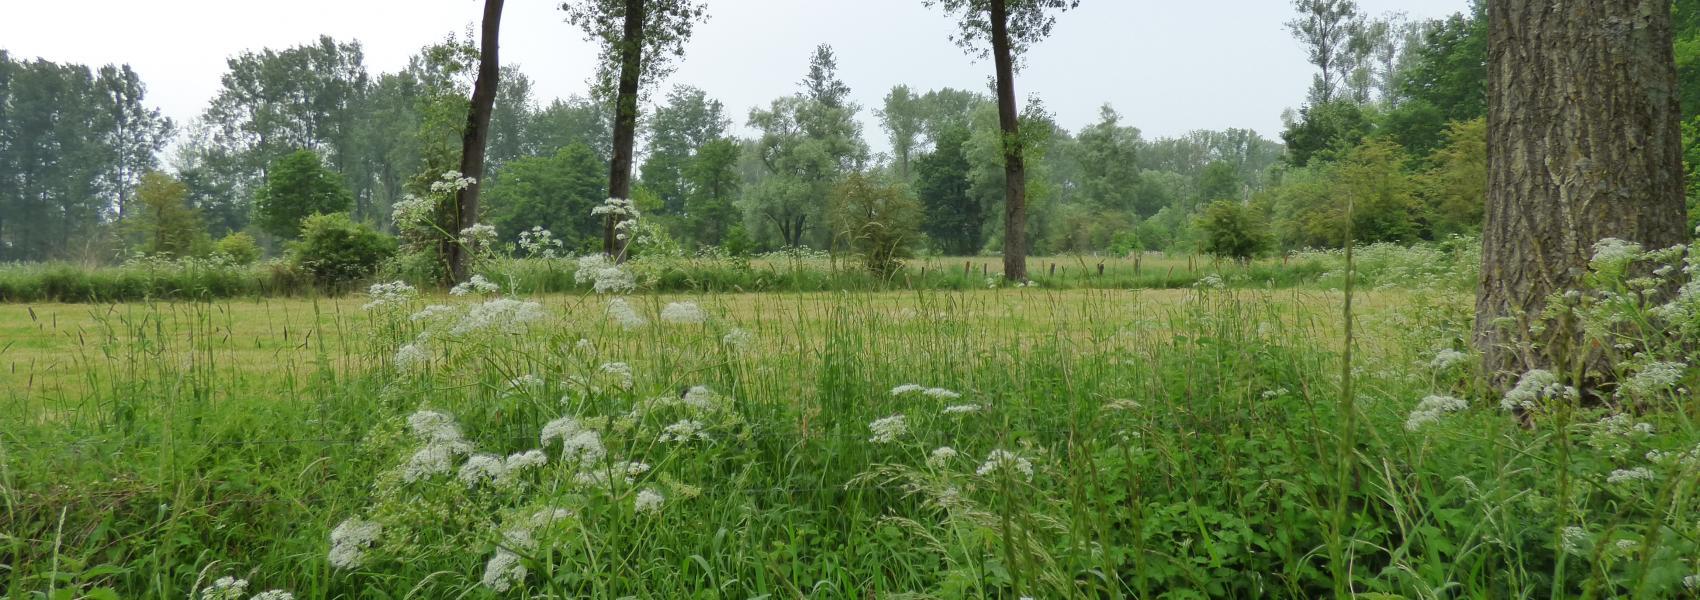 Natte graslanden De Nuchten - Griet Buyse